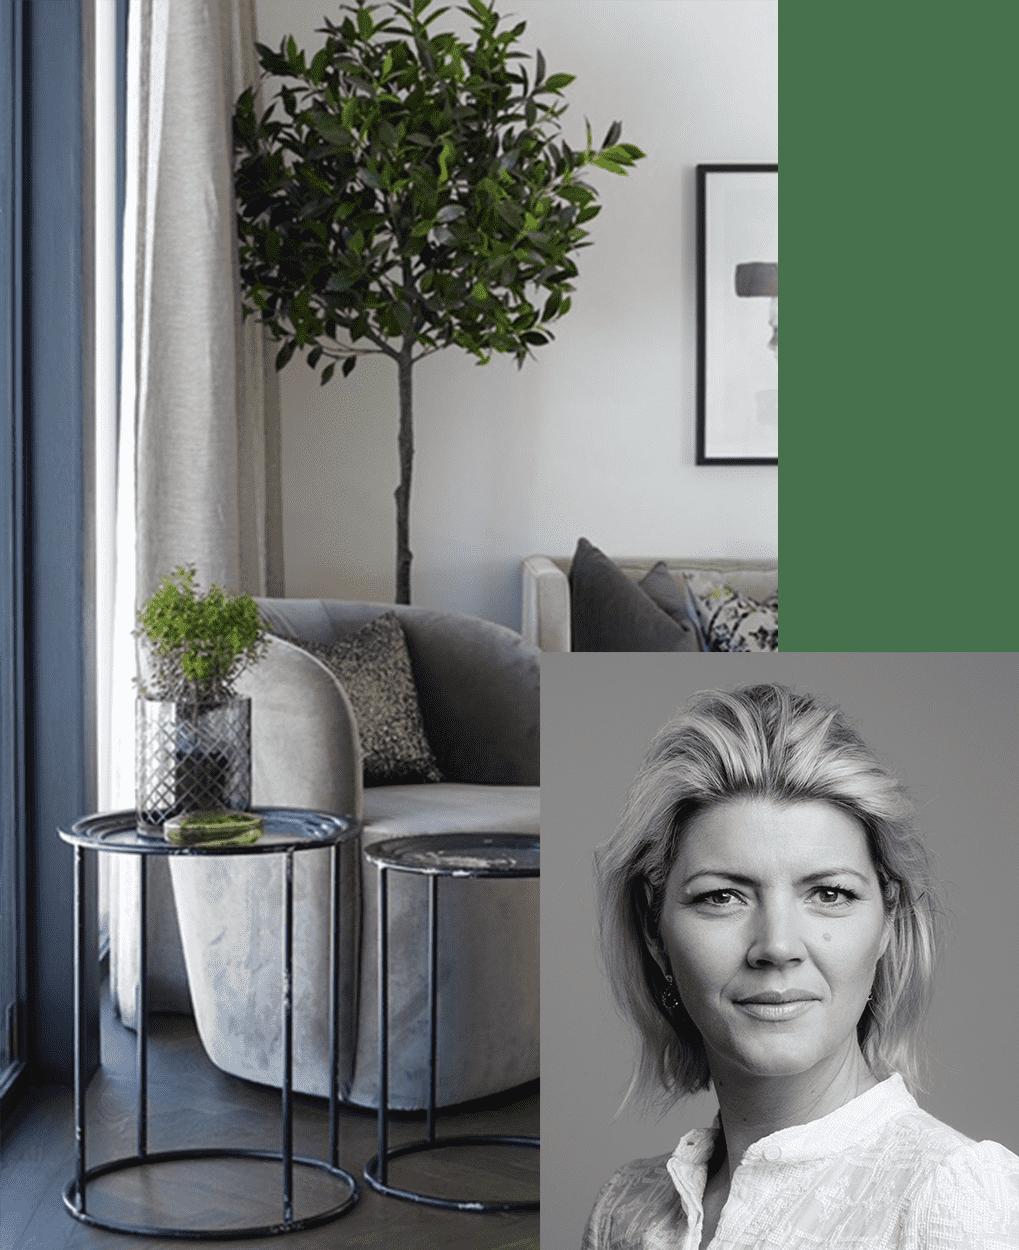 Kathrine Kristiansen